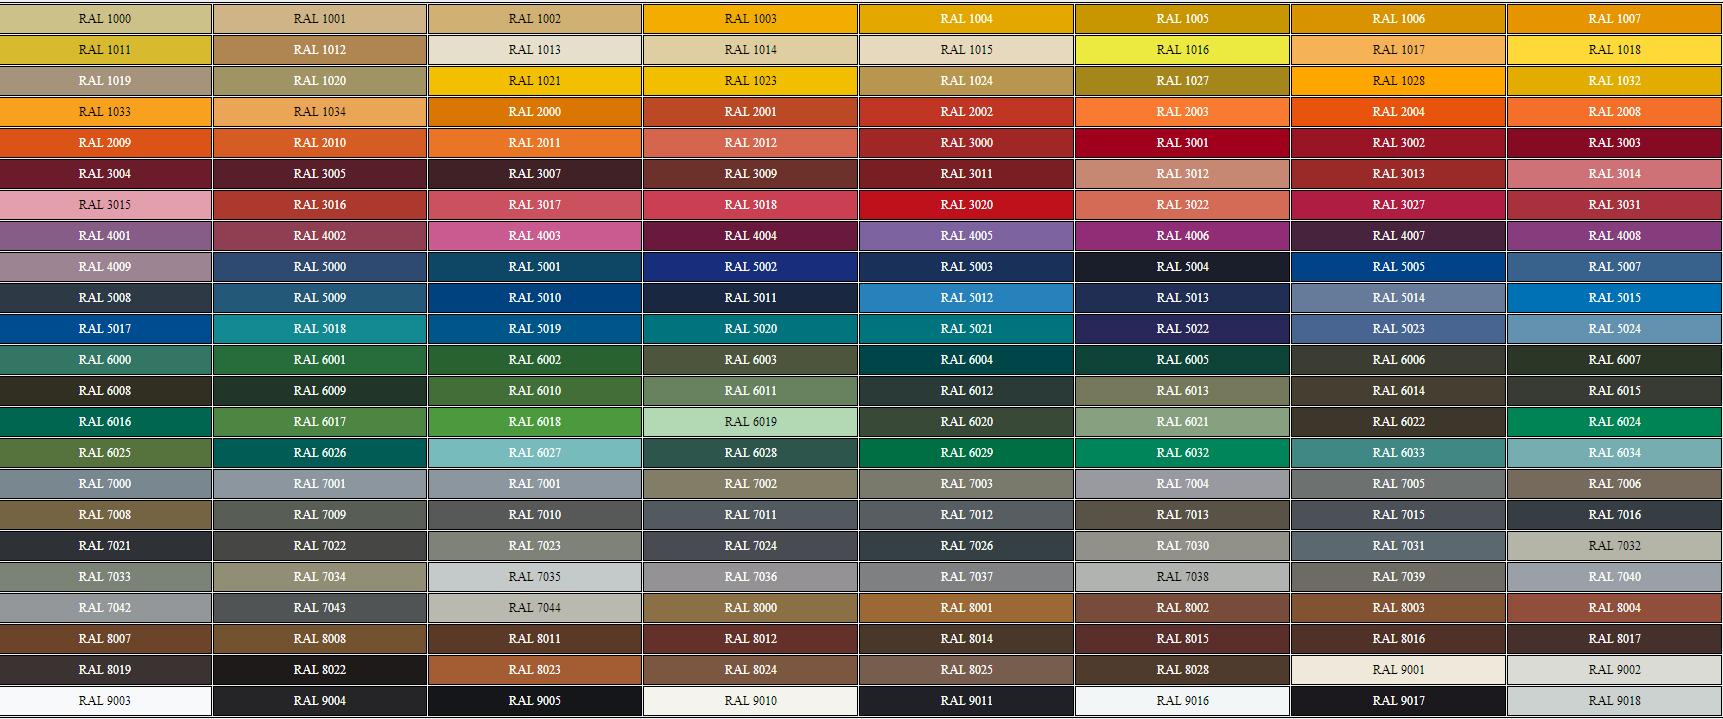 Maghertech R A L Colour Table